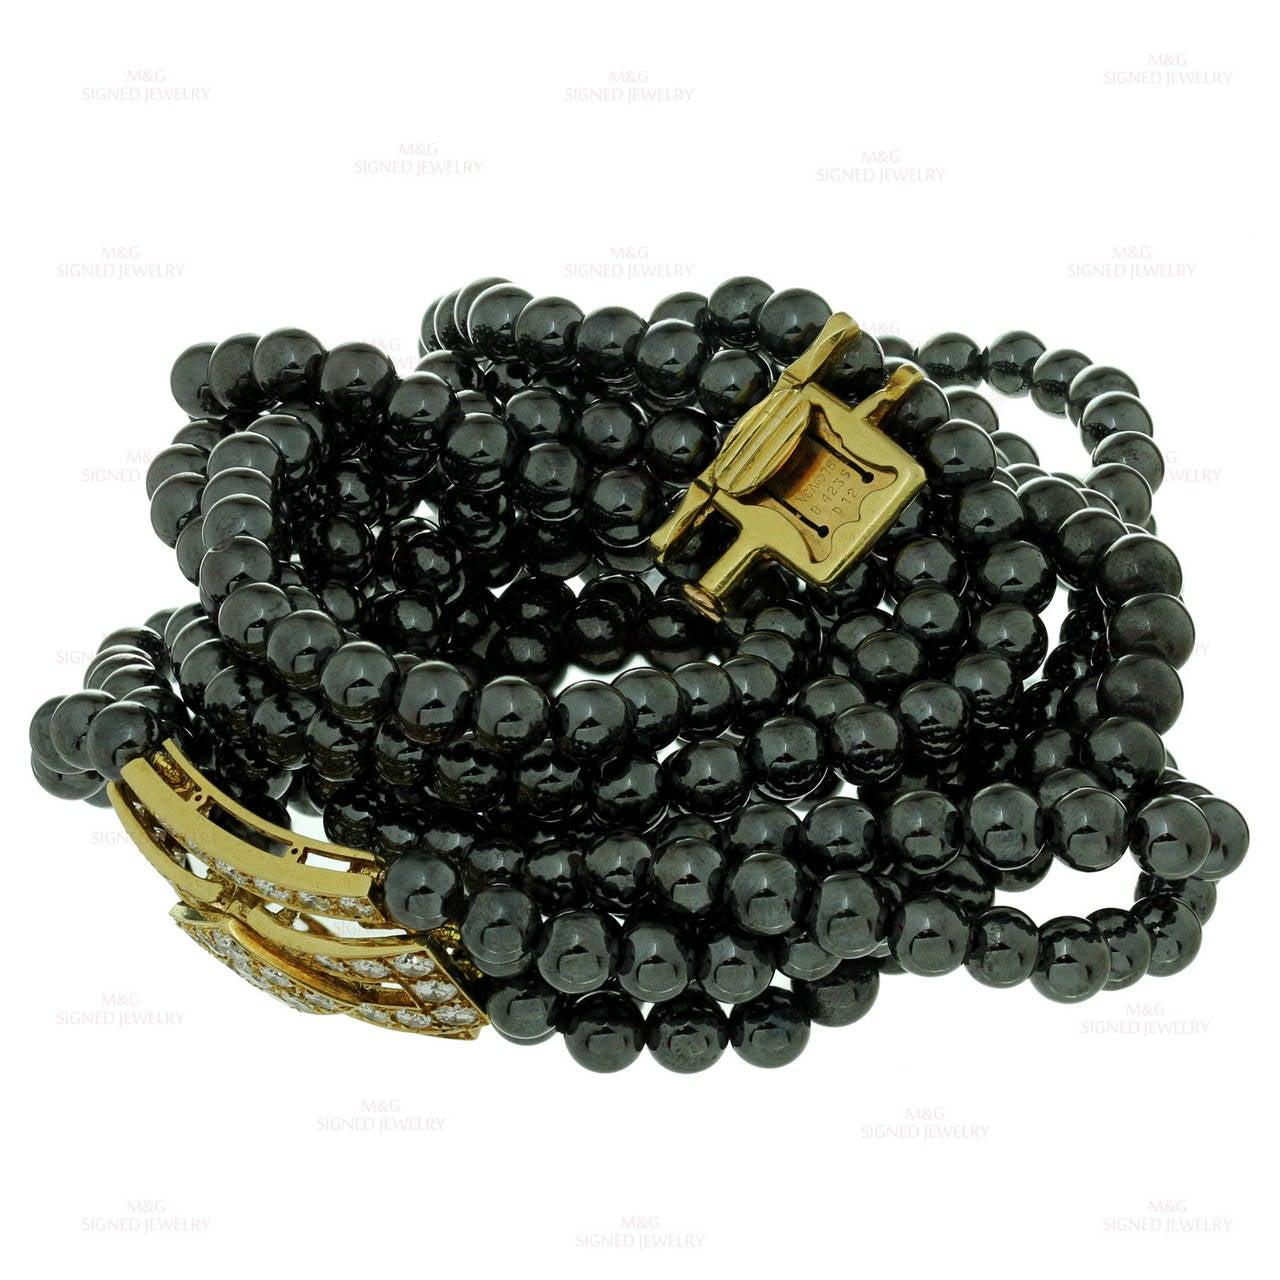 ... ARPELS Diam... Gold Hematite Beads